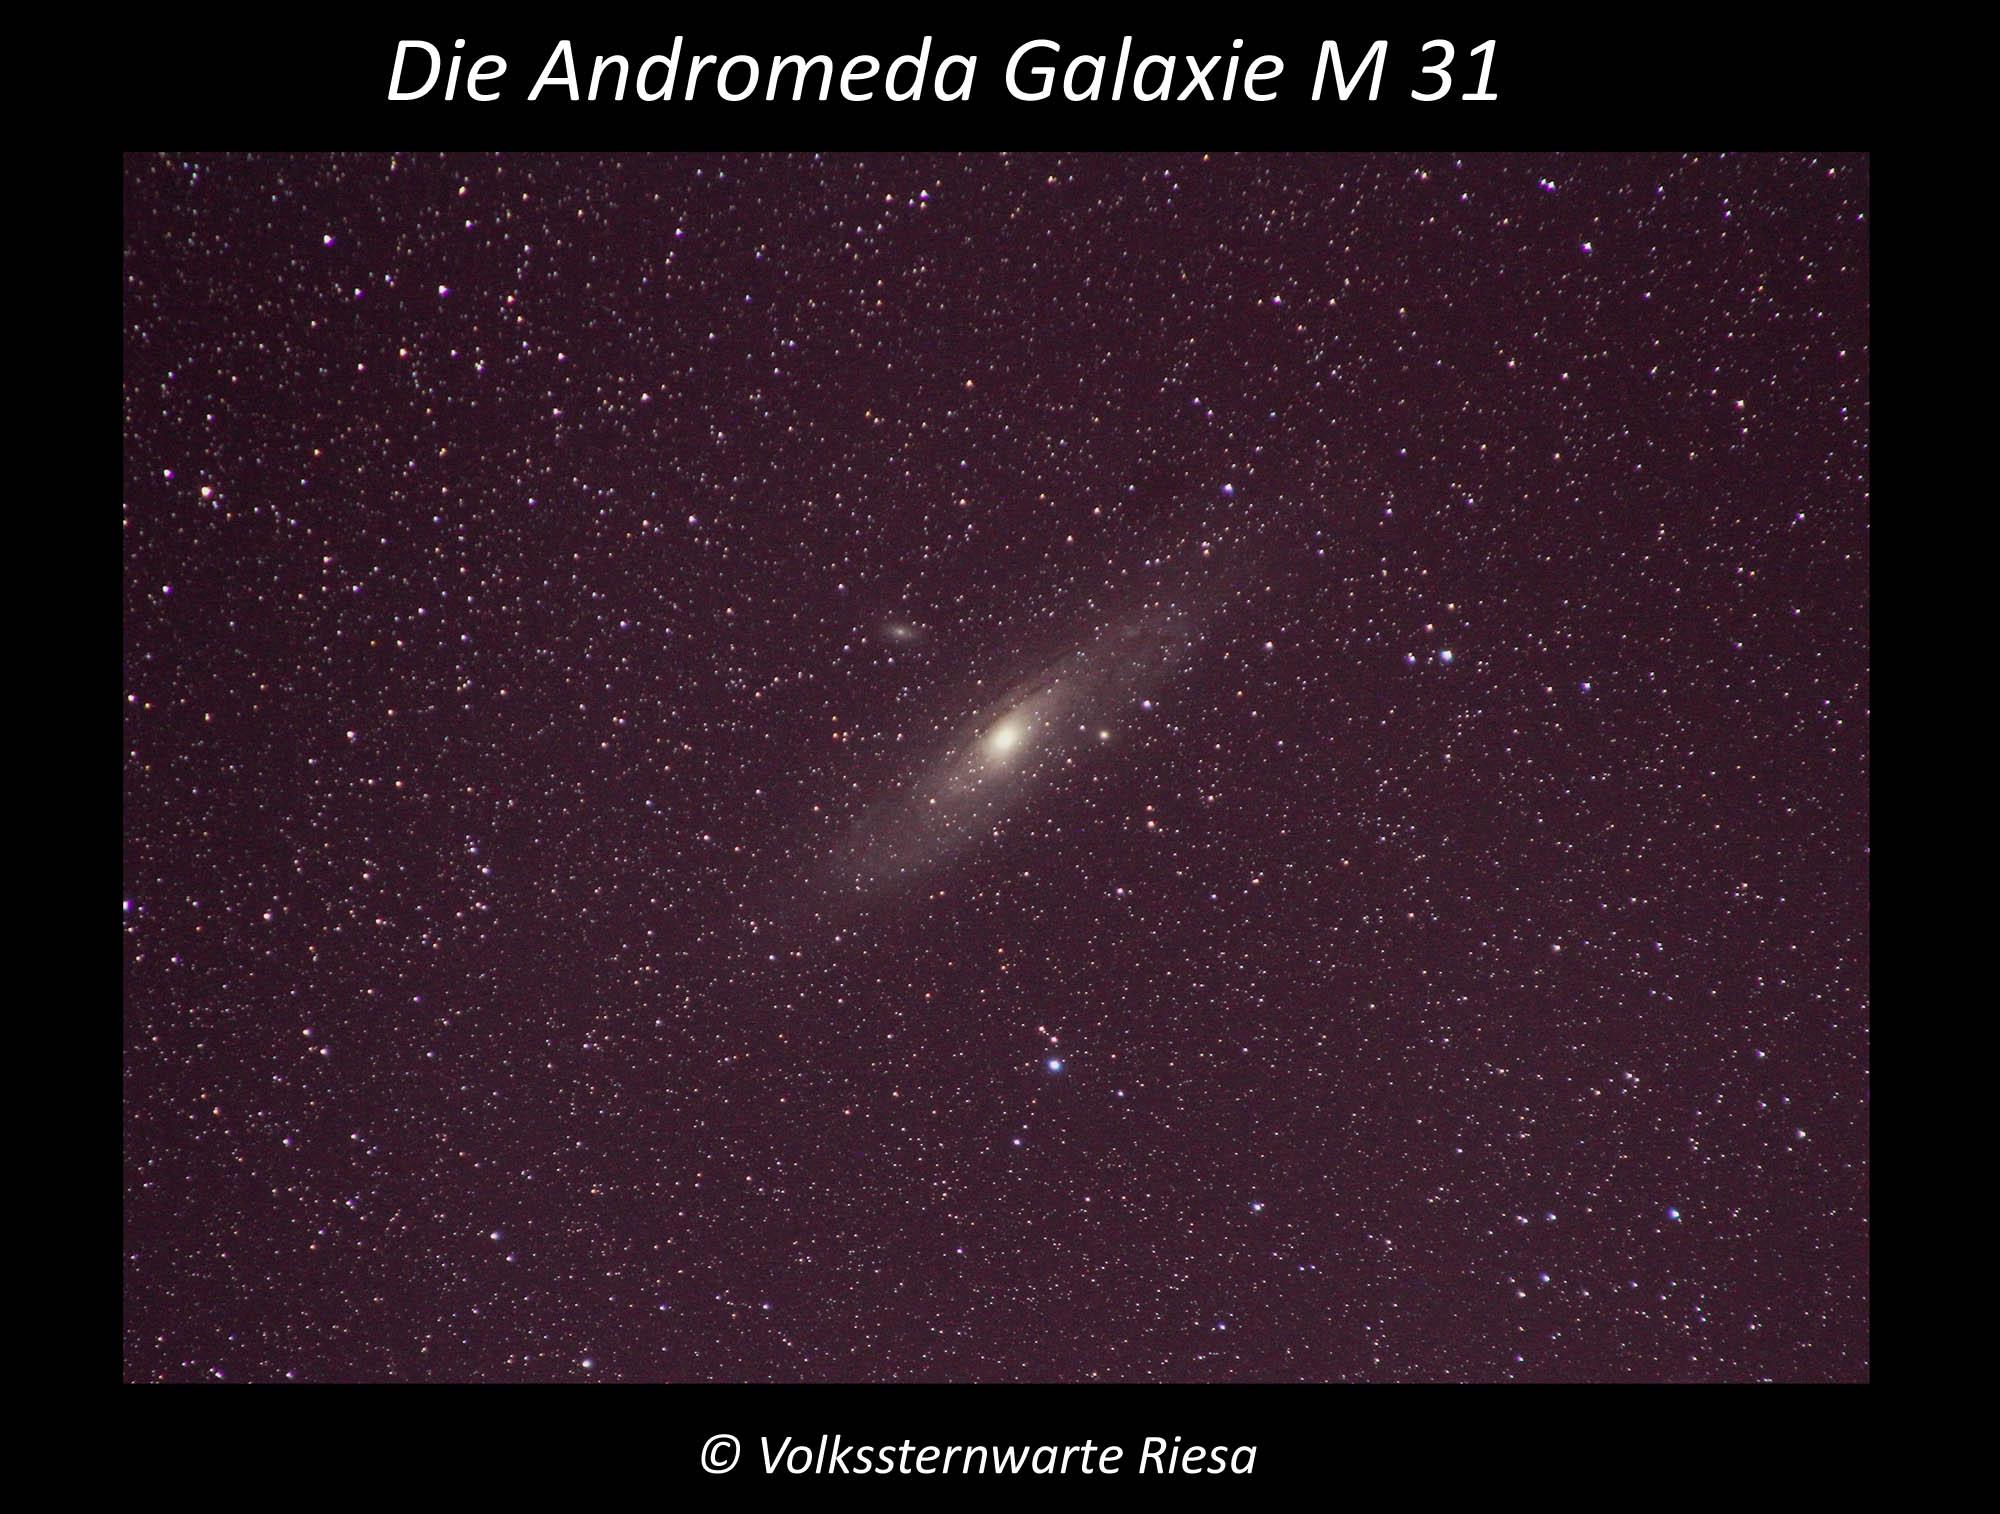 Die Andromeda Galxie